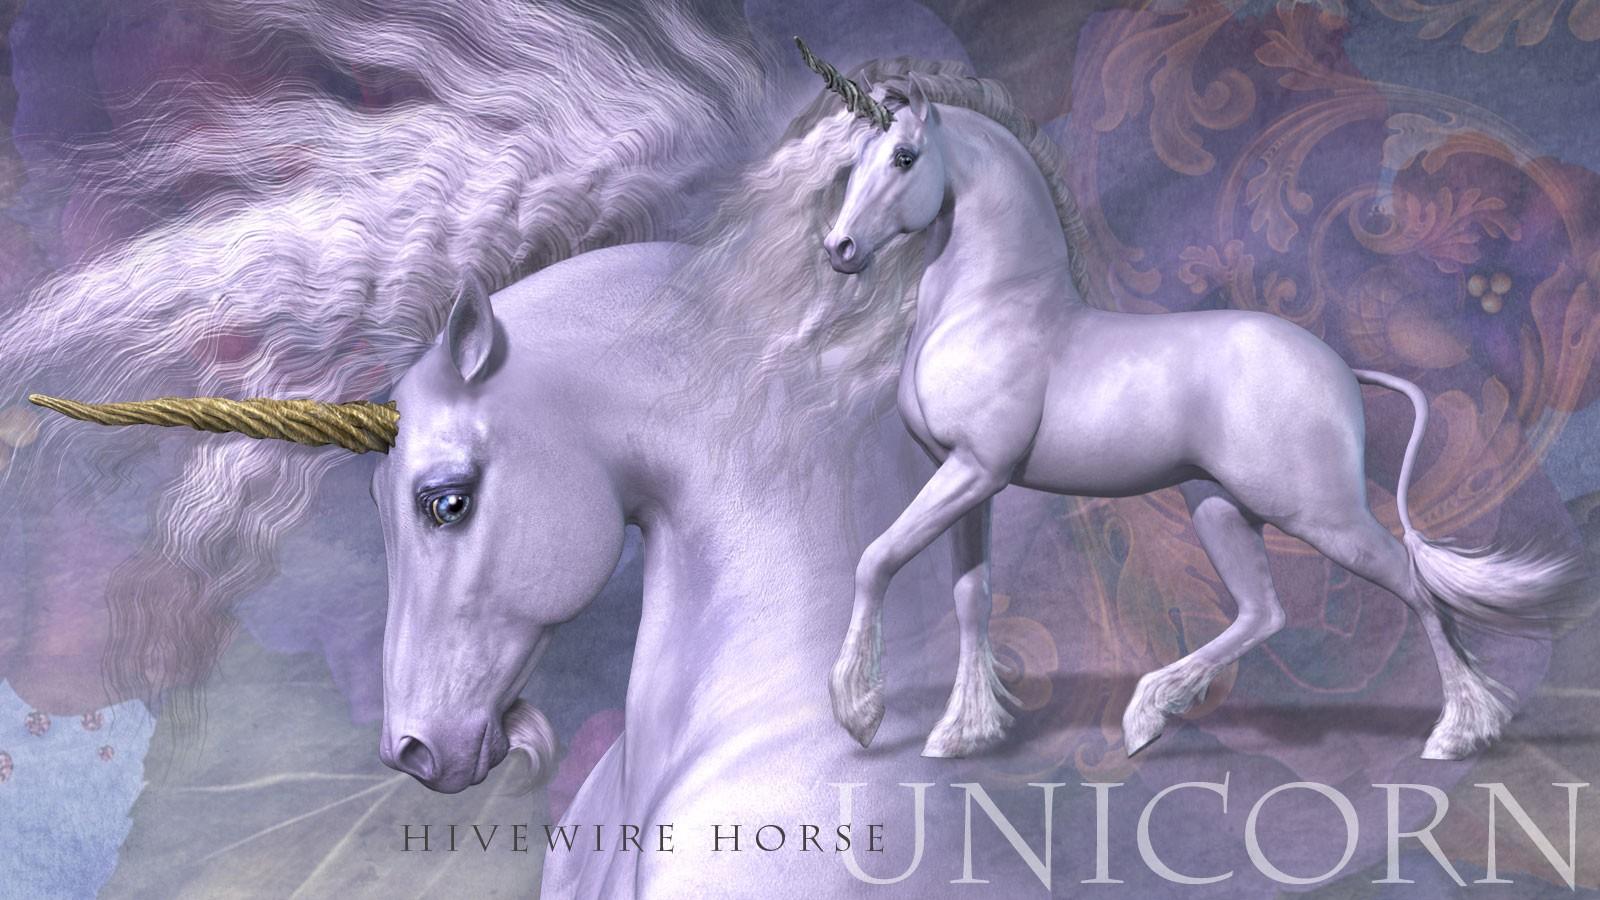 HiveWire Unicorn_DAZ3D下载站